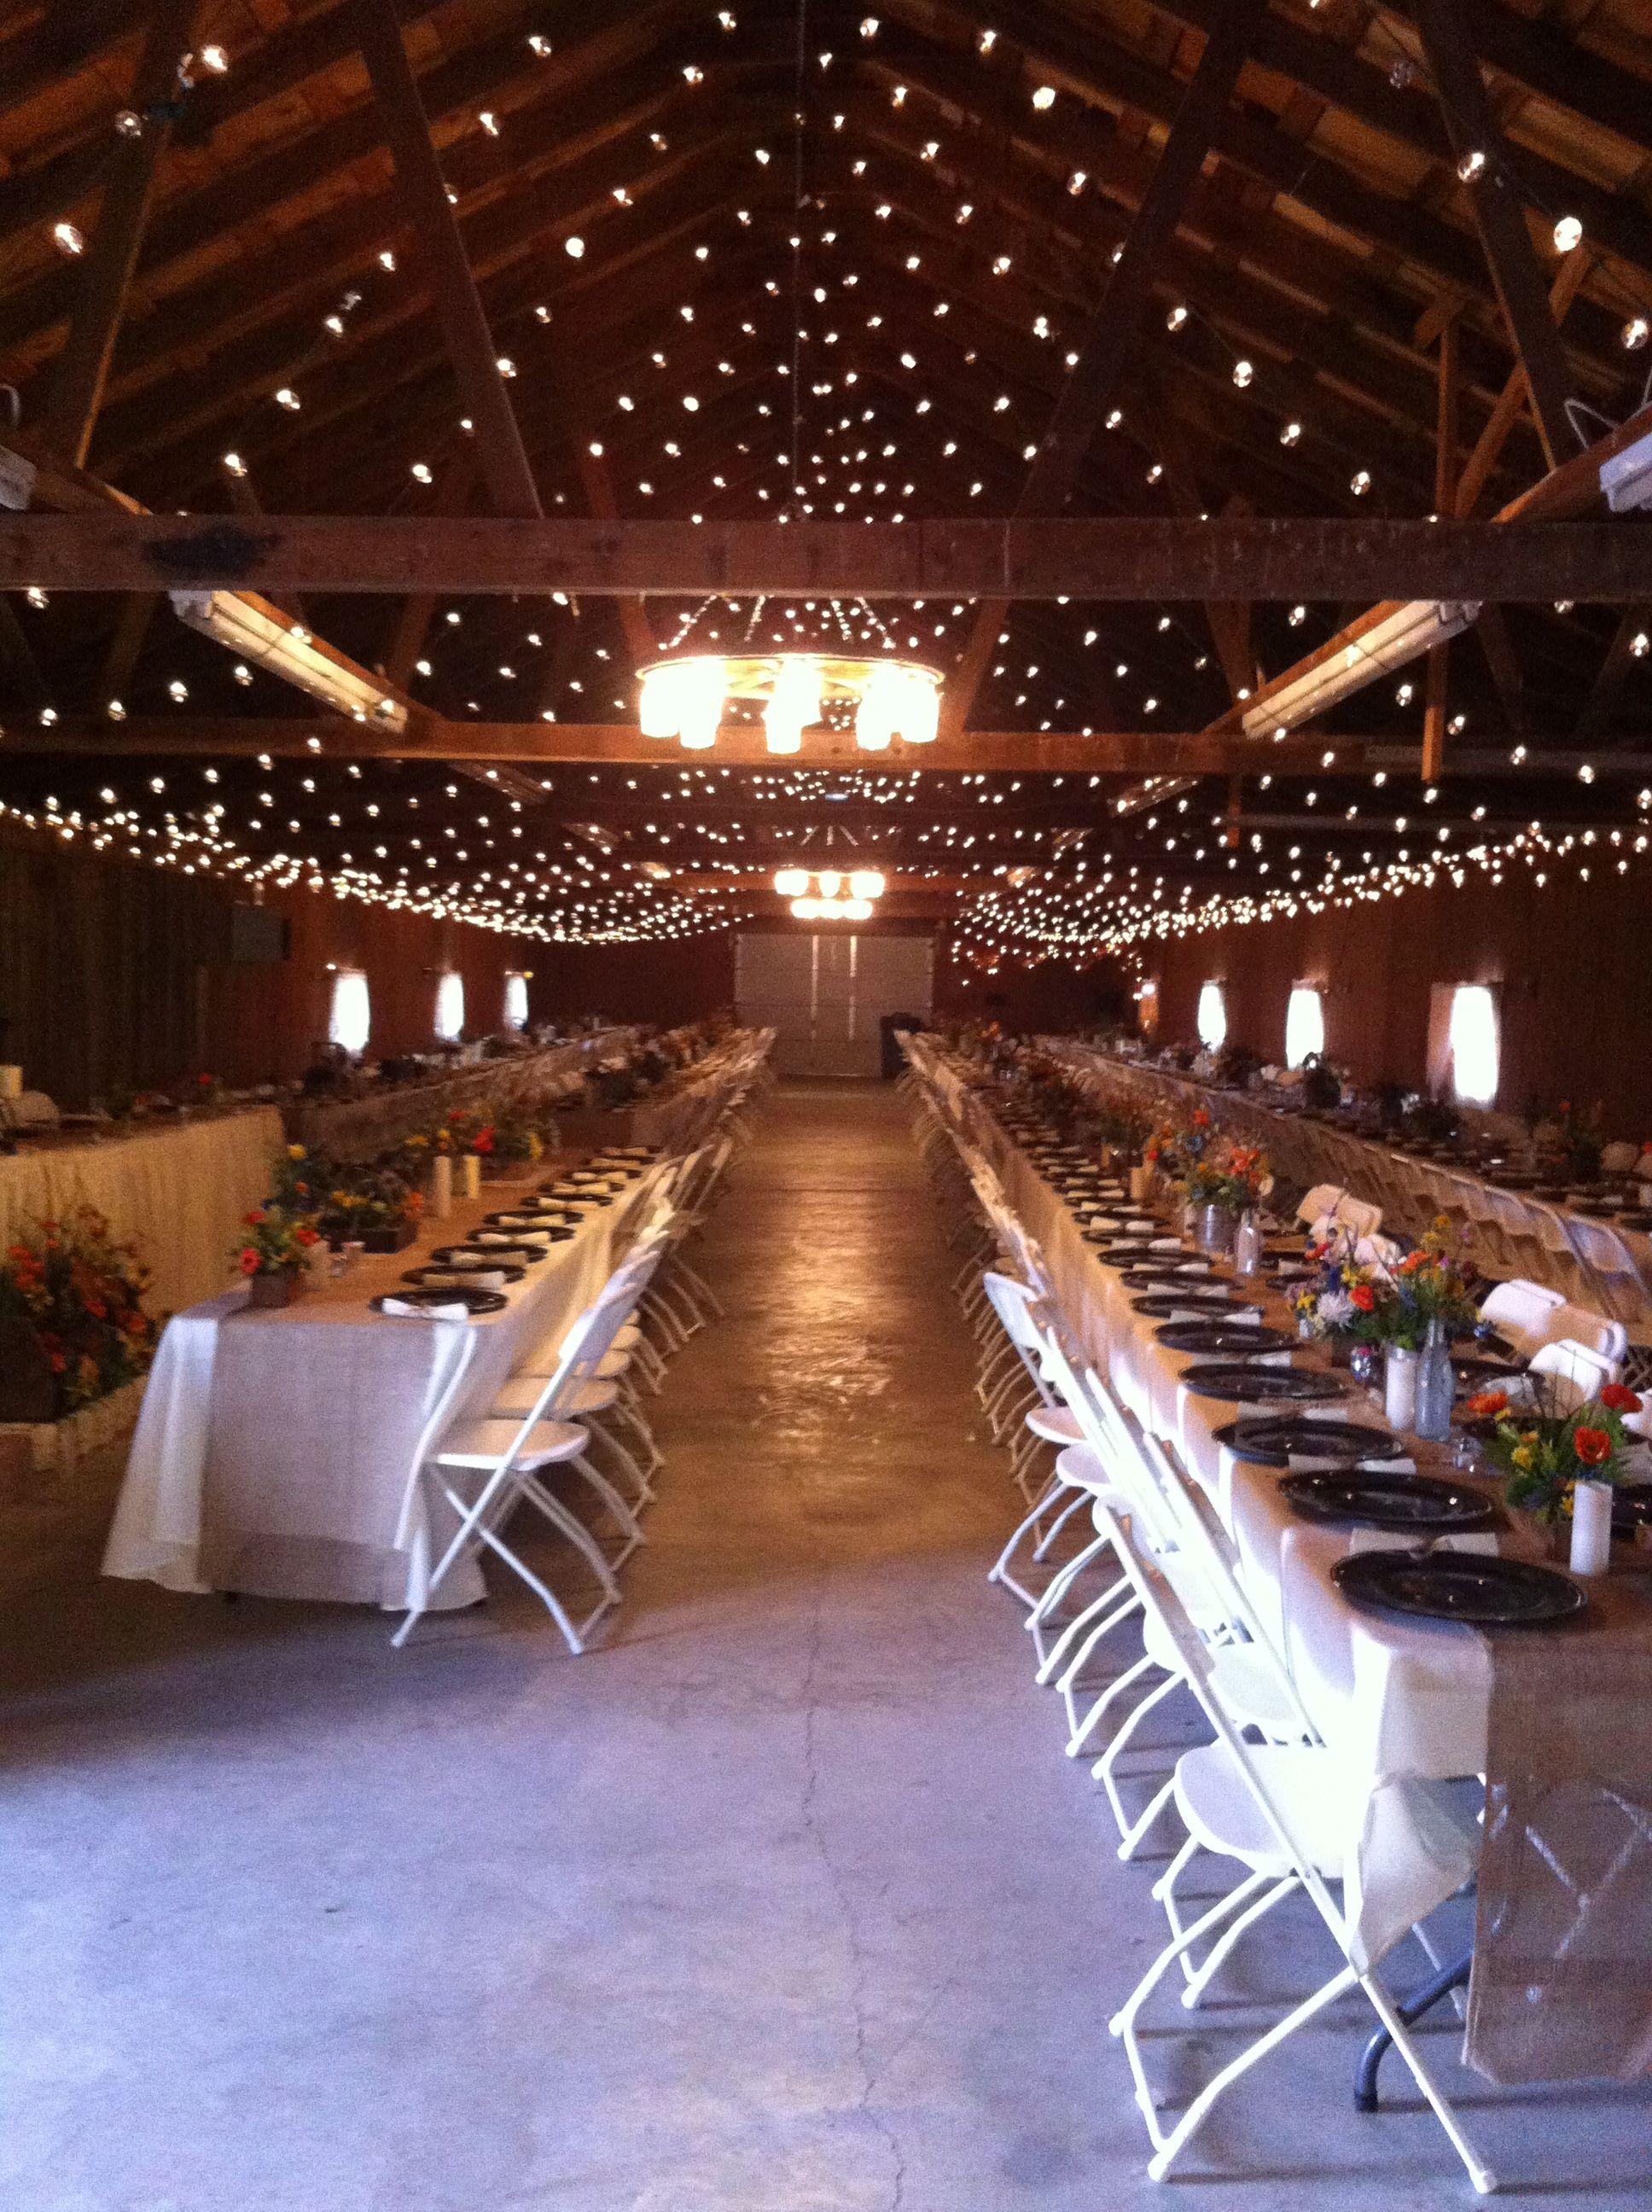 Wedding lights Wedding lights, Wedding tent, Garden inspired